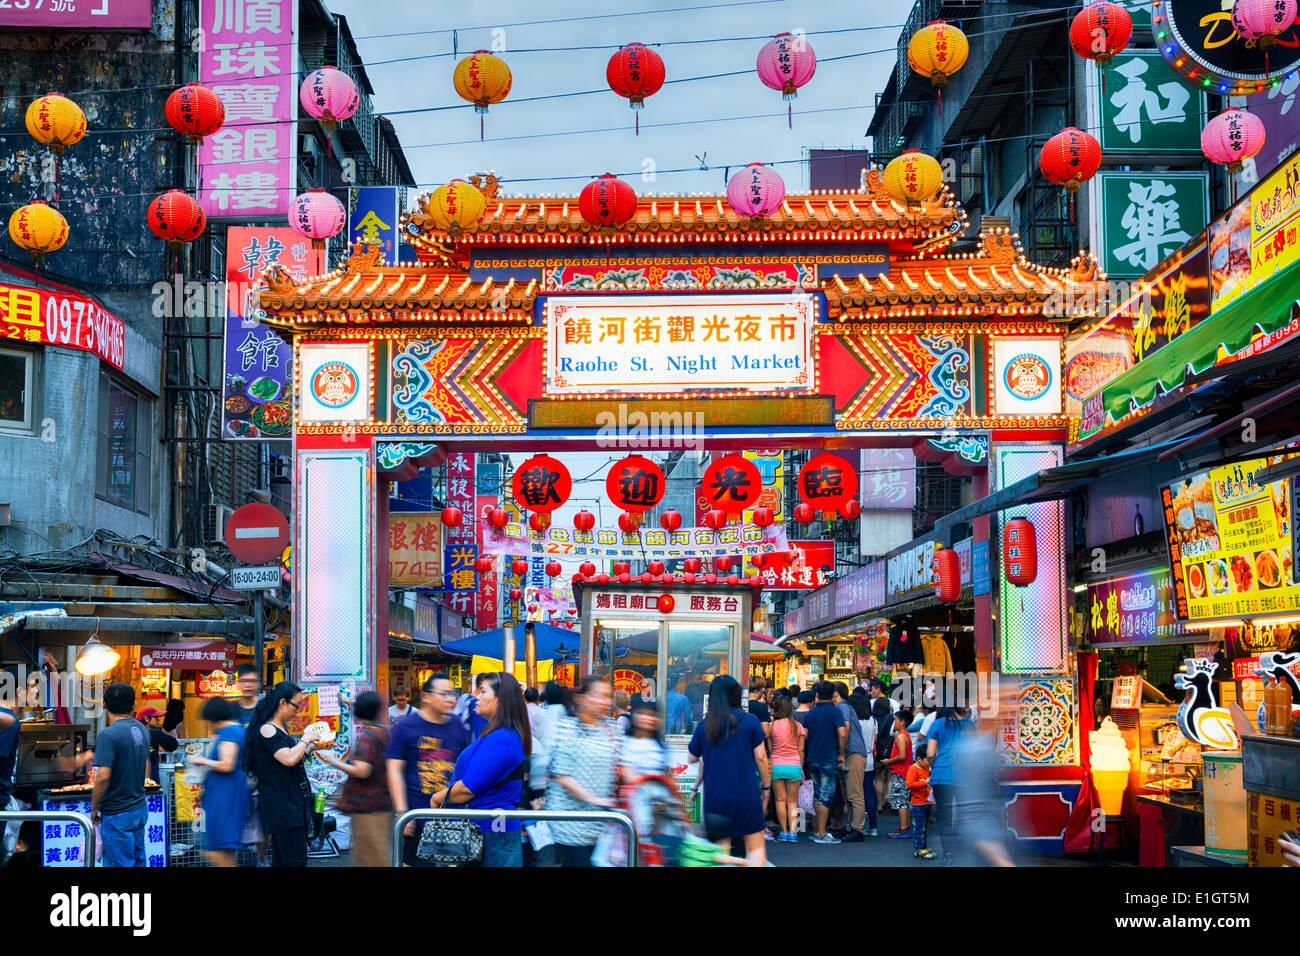 Entrée de marché nocturne de Raohe Street à Taipei. Photo Stock